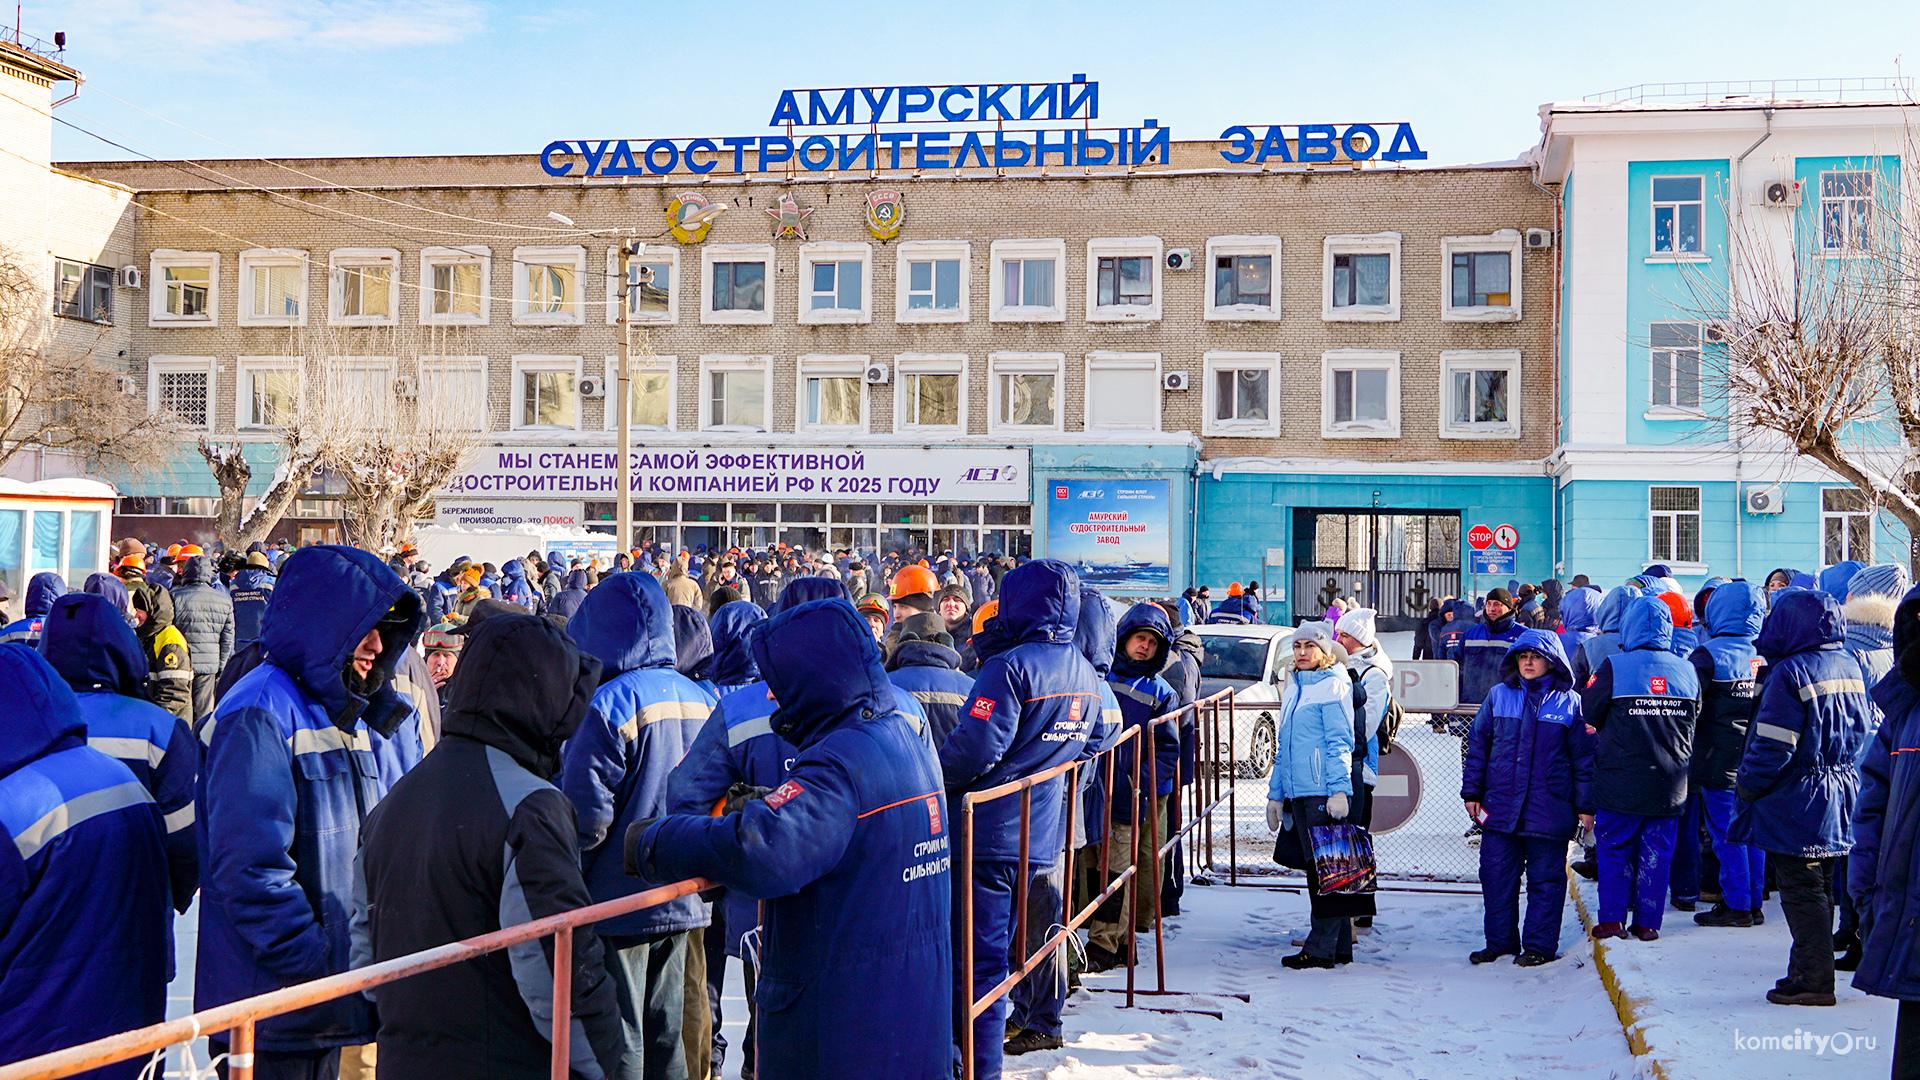 http://www.komcity.ru/i/news/36229/5cd22c4f33d3a586266f9dcc0d410fac1578539409.jpg